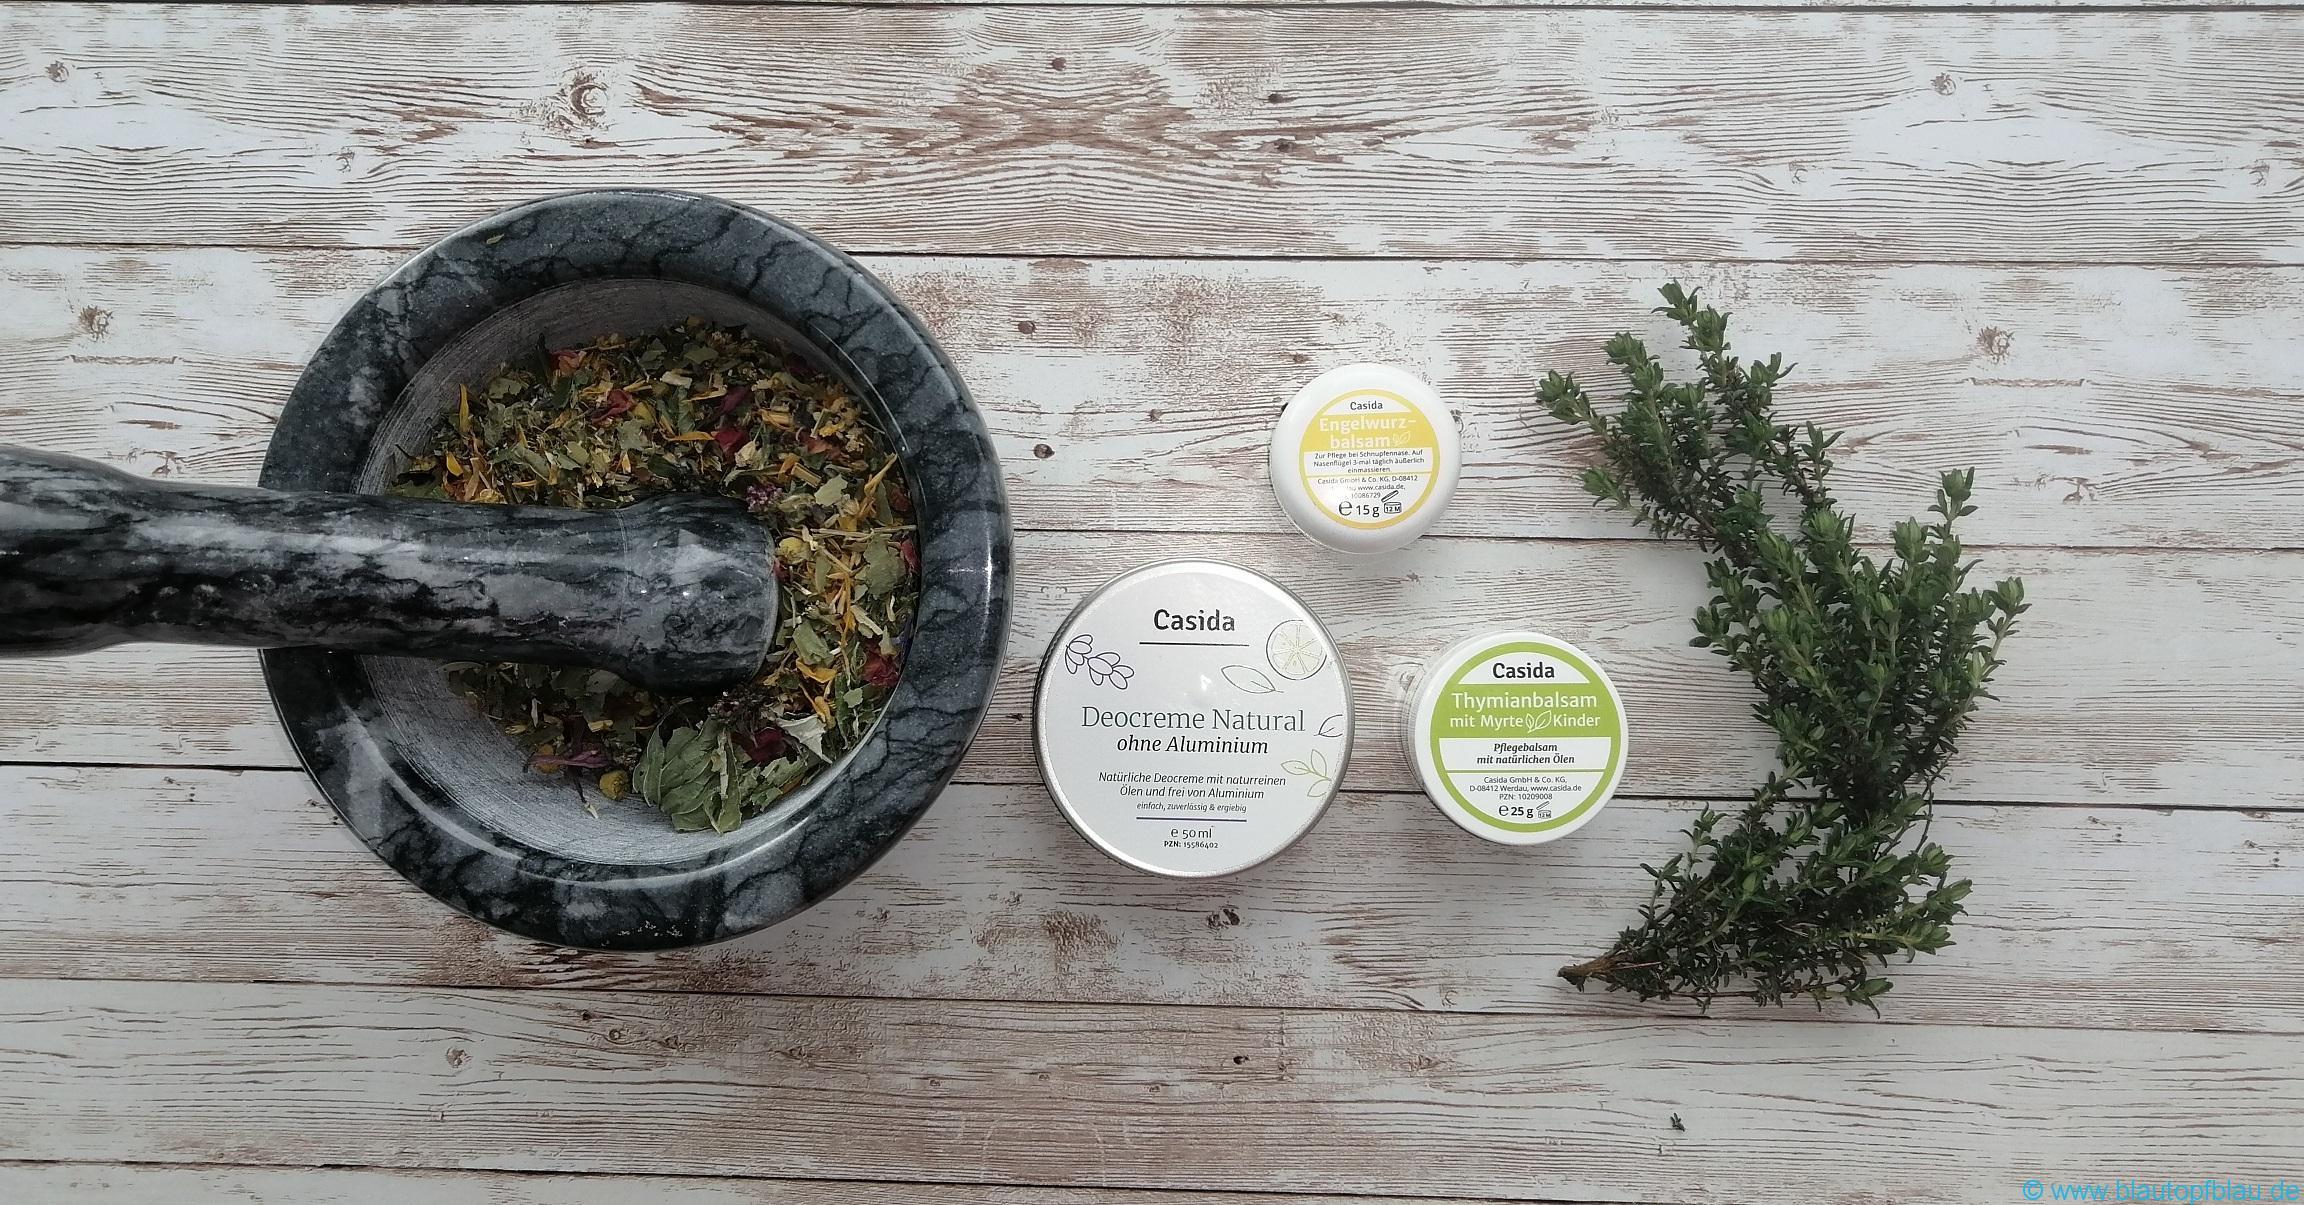 Erfahrung mit Casida Naturprodukten